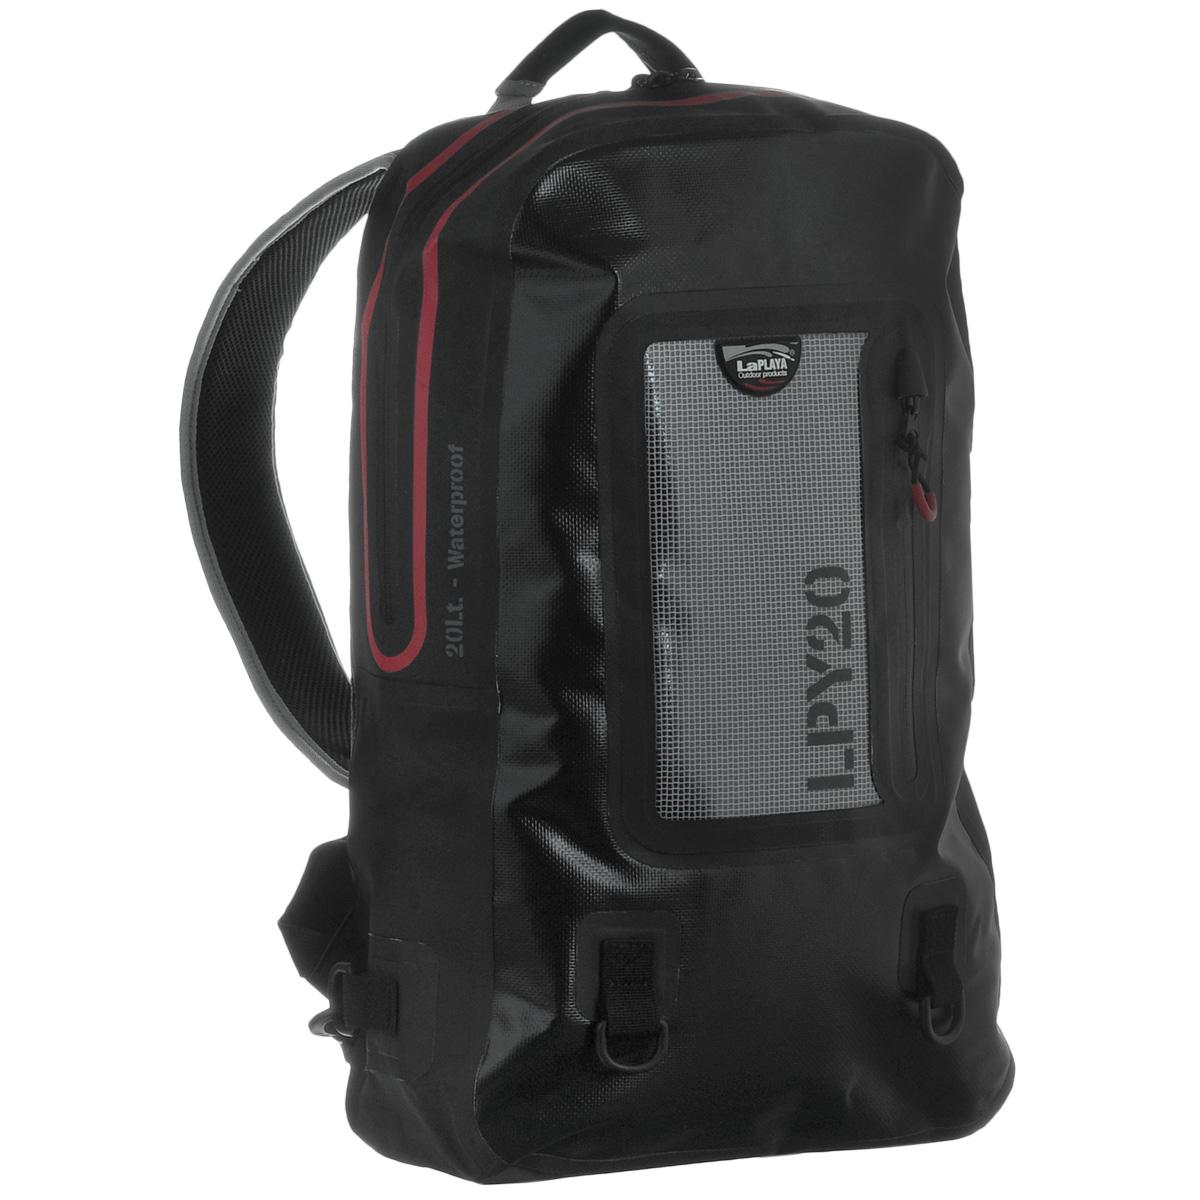 Рюкзак водонепроницаемый LaPlaya, цвет: черный, 20 л800801Водонепроницаемый рюкзак LaPlaya - незаменимая вещь для любителей туристических походов, кемпингов и отдыха на природе. Рюкзак выполнен из ПВХ (брезент + сетка). Метод термосварки швов обеспечивает 100% герметичность. Рюкзак закрывается на водонепроницаемую молнию, которая не позволит воде проникнуть внутрь. Внутри содержится съемное противоударное отделение для ноутбука или планшета с карманом на молнии на передней стенке, а также вшитый карман на молнии и 2 сетчатых кармашка. С лицевой стороны рюкзака расположен прозрачный карман, также с водонепроницаемой молнией, очень удобный для хранения документов, билетов и других бумаг. Рюкзак компактный, практичный и очень удобный, он снабжен мягкой спинкой, плечевыми ремнями регулируемой длины и дополнительными съемными креплениями. Также имеется два кольцами для крепления аксессуаров на карабинах. Такой рюкзак - просто находка для экстремалов и любителей проводить много времени на открытом воздухе. LaPlaya DRY BAG -это функциональный и минималистичный дизайн, прочный материал и высокое качество технологии производства. Это все, что необходимо для выбора идеального партнера в вопросе экипировки для активного отдыха, открытых спортивных мероприятий и настоящих приключений, не зависящих от погодных условий.